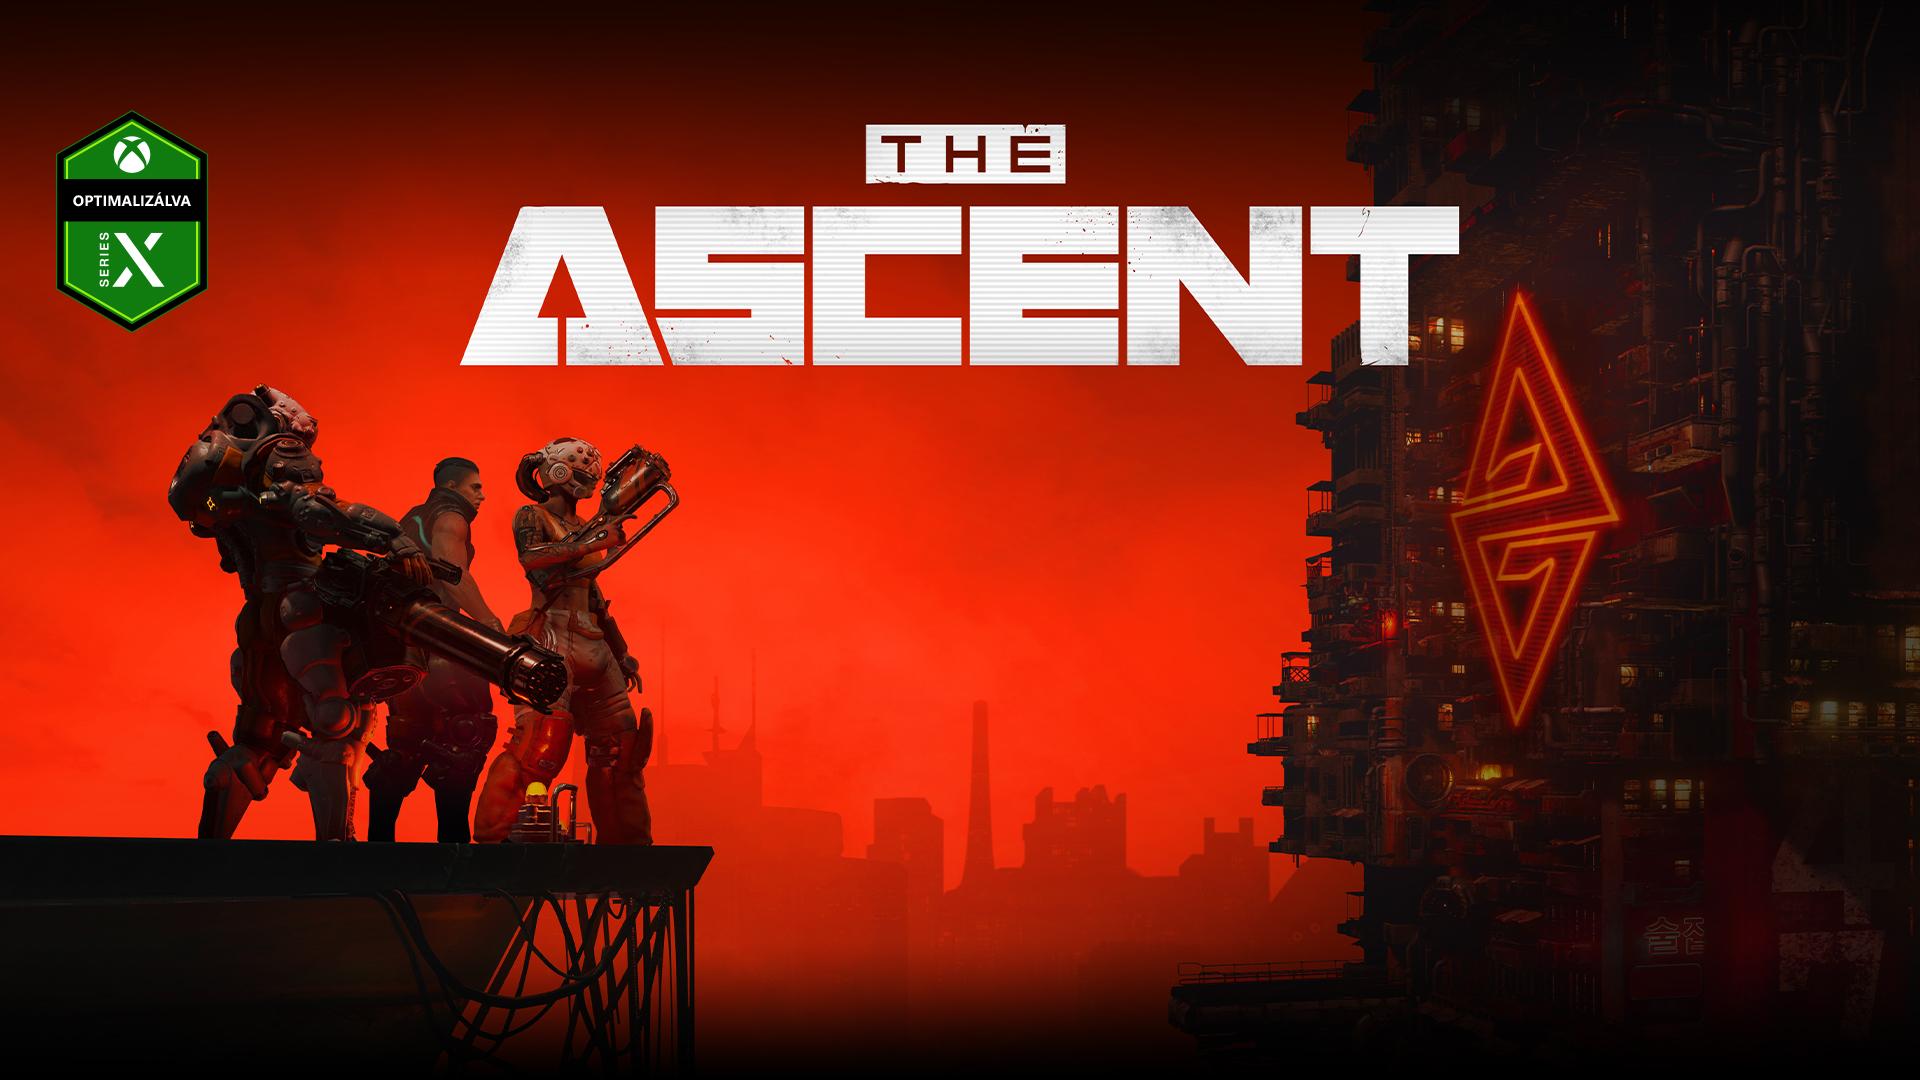 """The Ascent, Xbox Series X konzolra optimalizálva, három karakter áll egy platformon, egy """"cyberpunk"""" stílusú ipari épülettel szemben"""